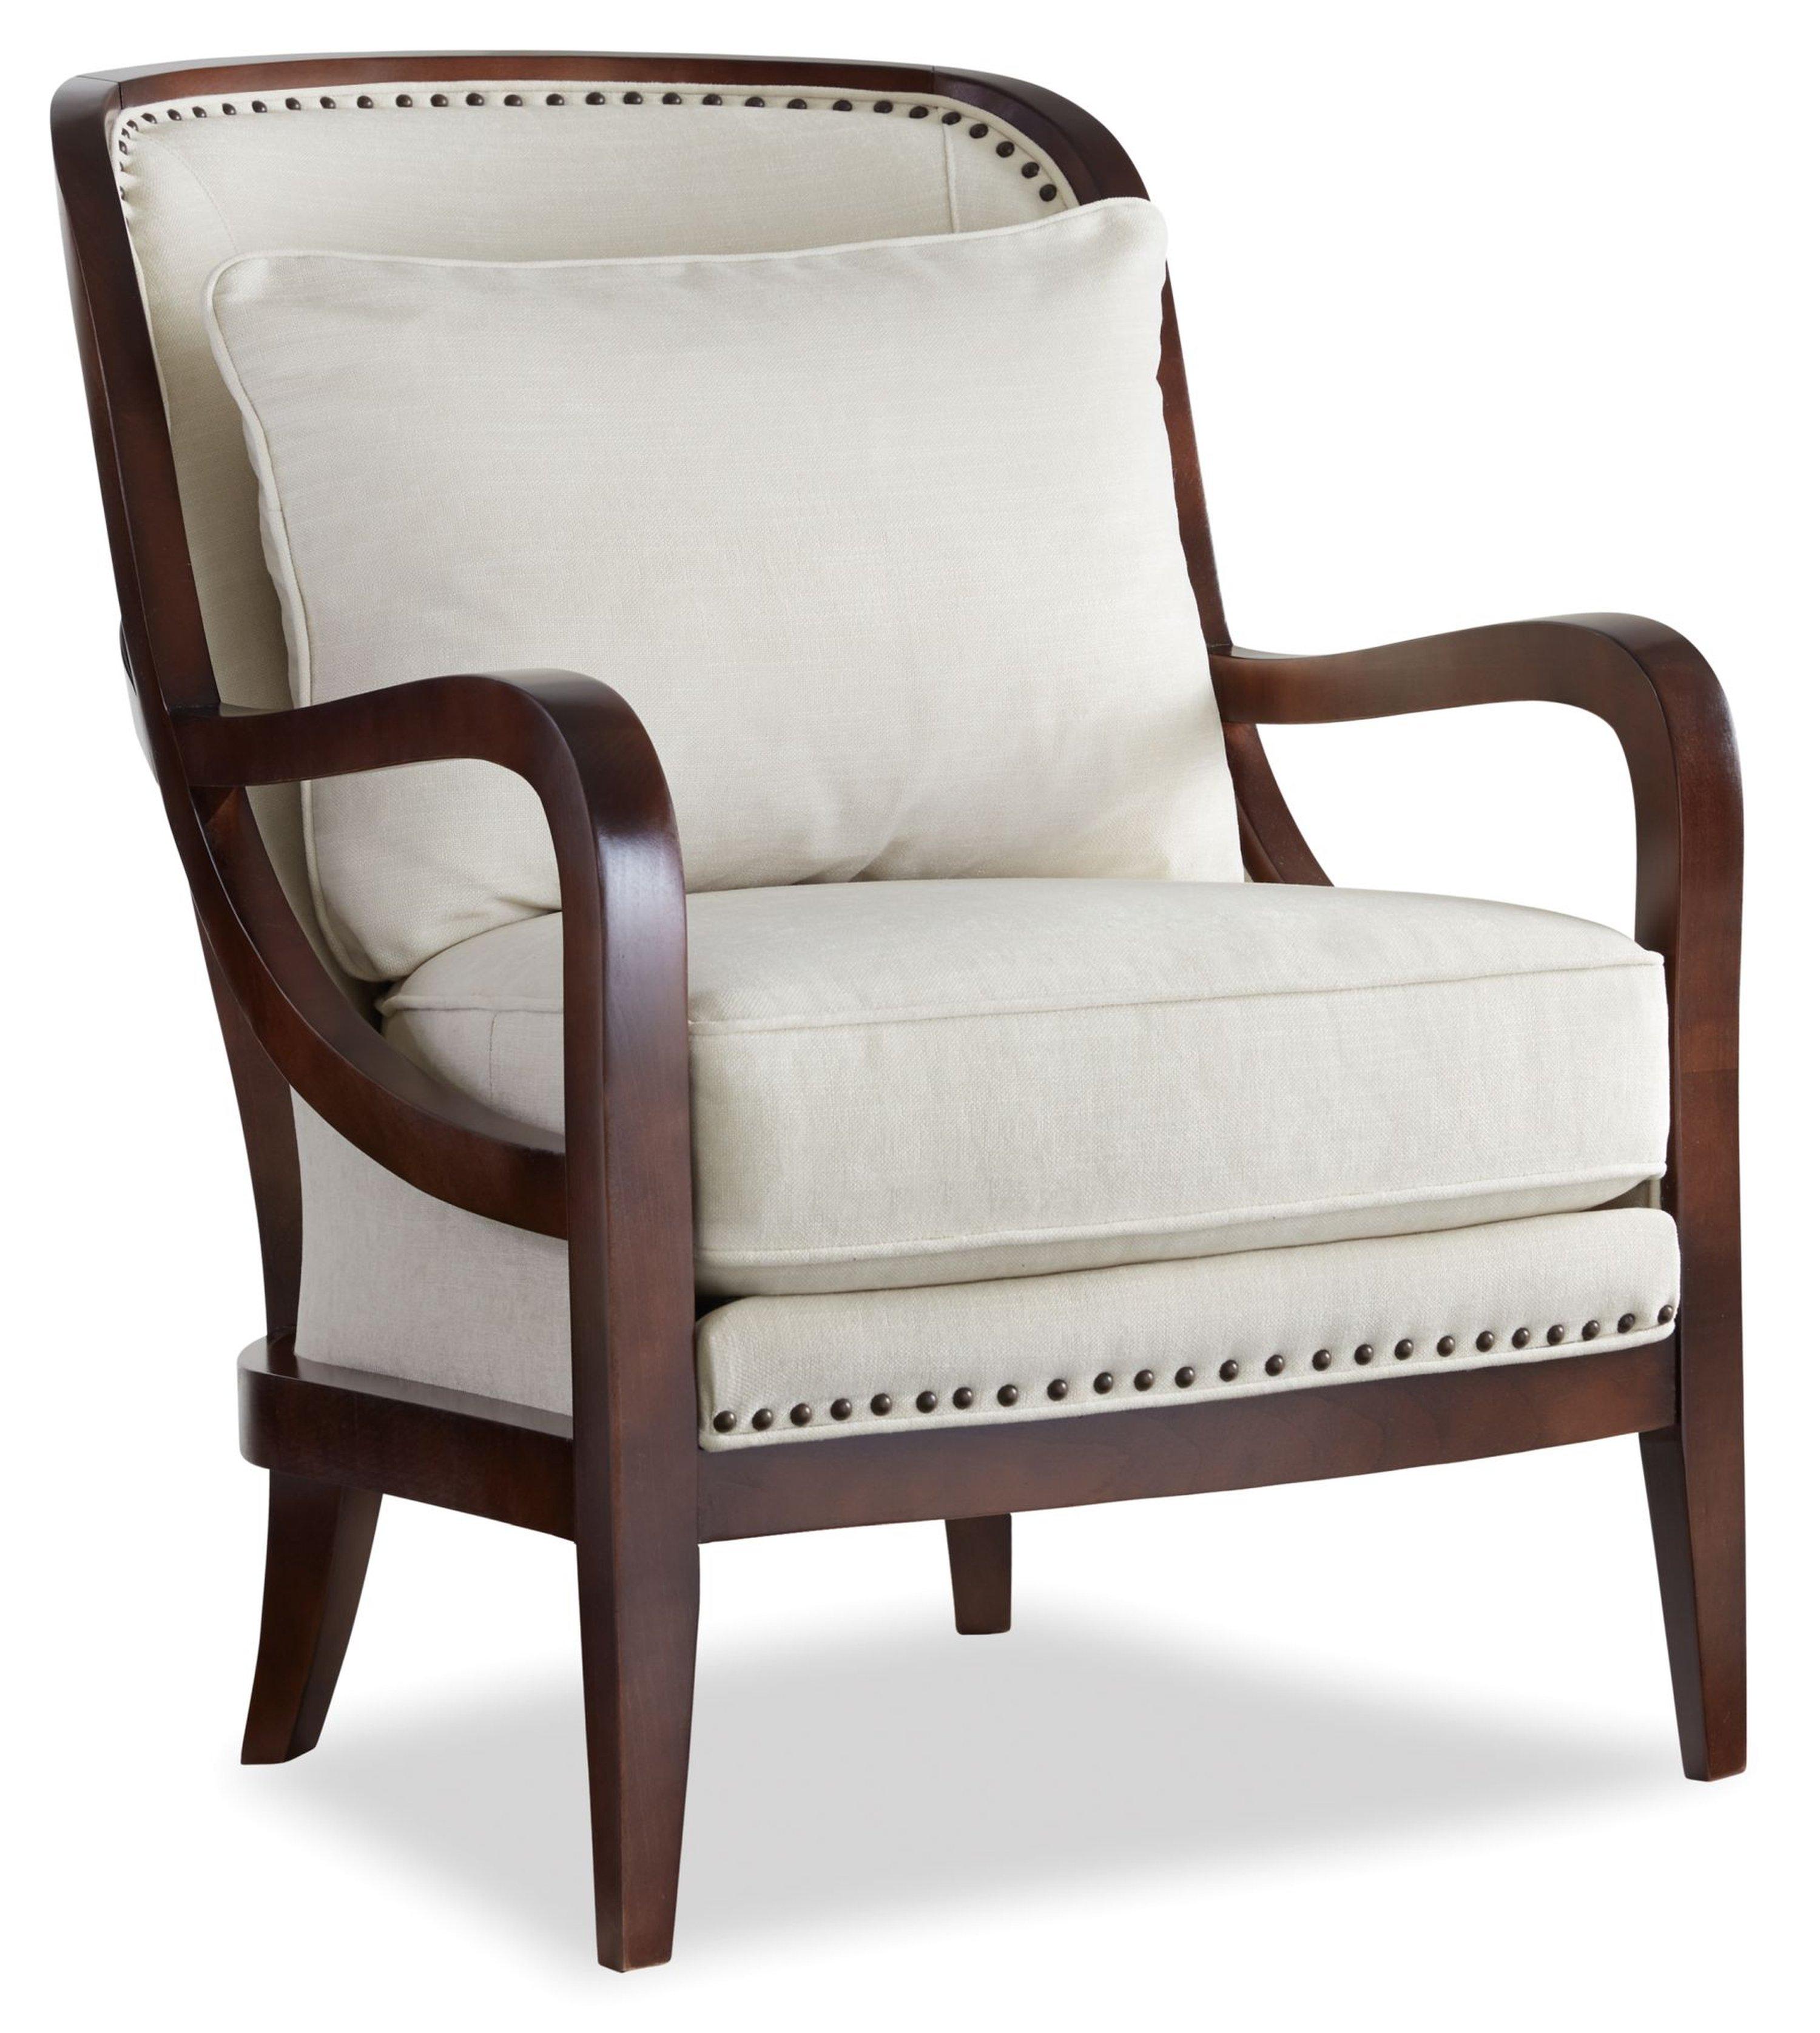 Hooker Furniture Drake chair